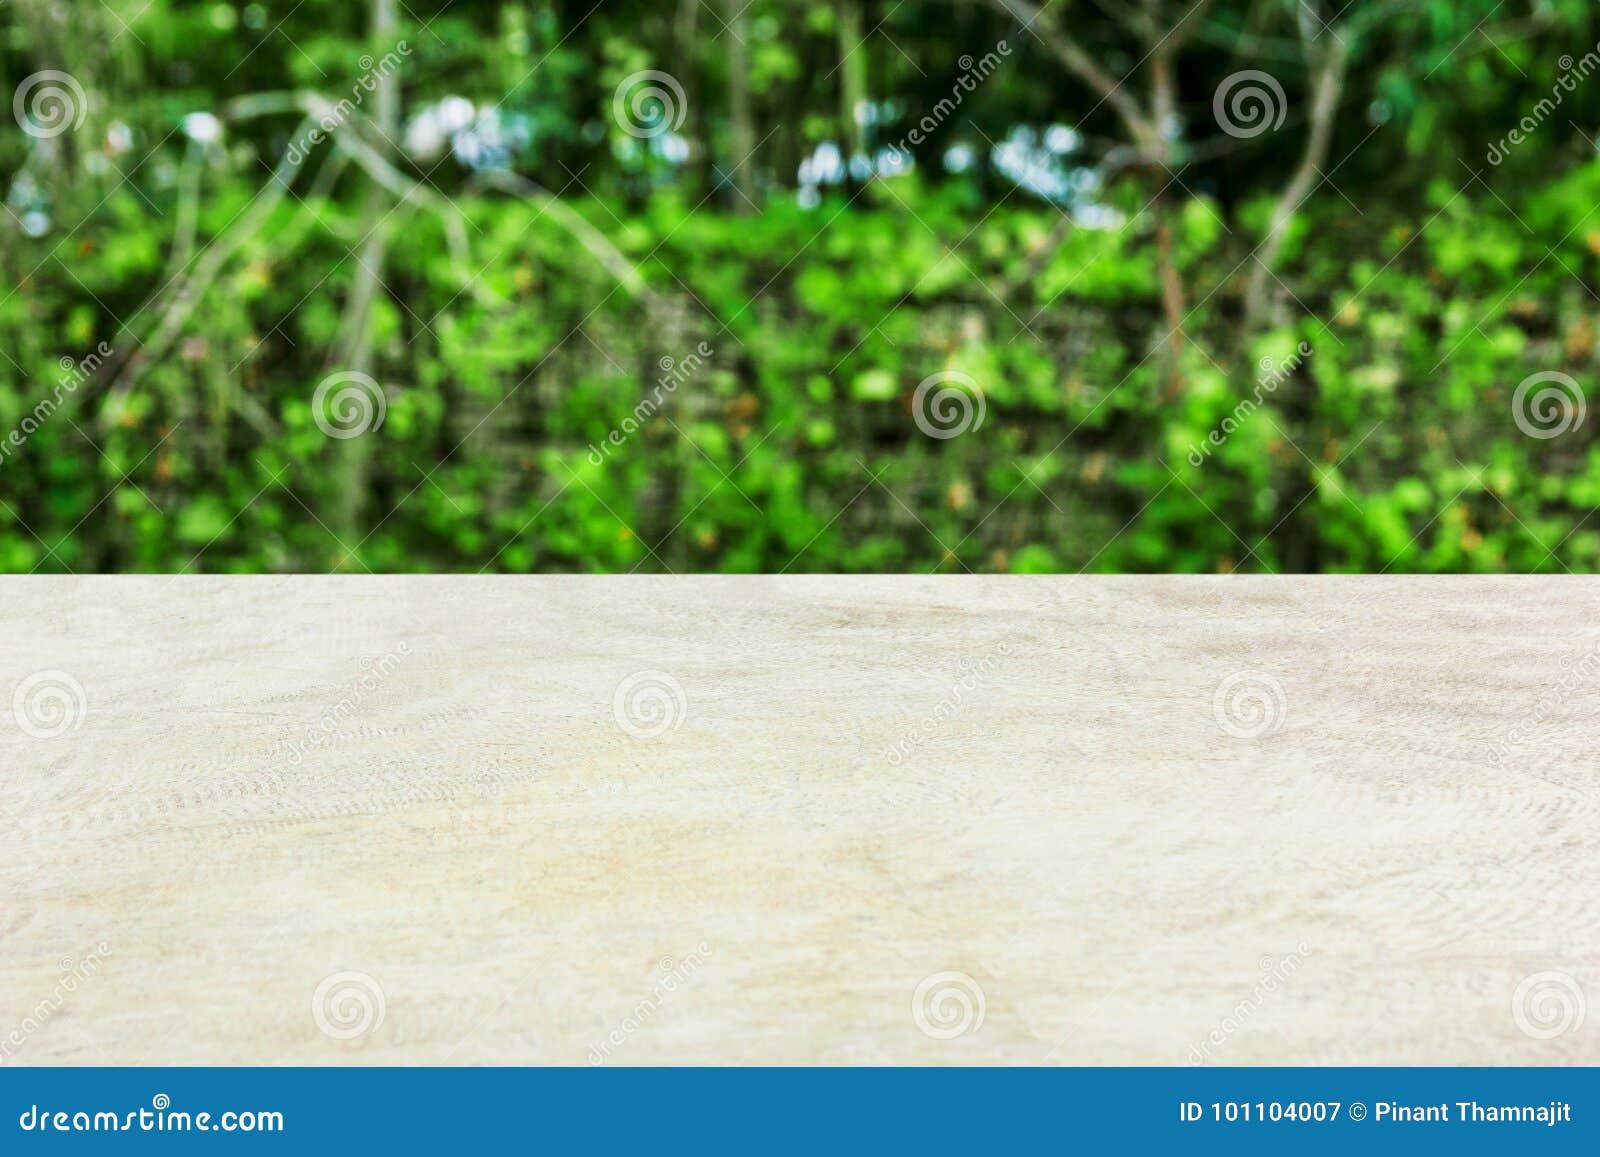 Kamienny stół z drzewem w tle